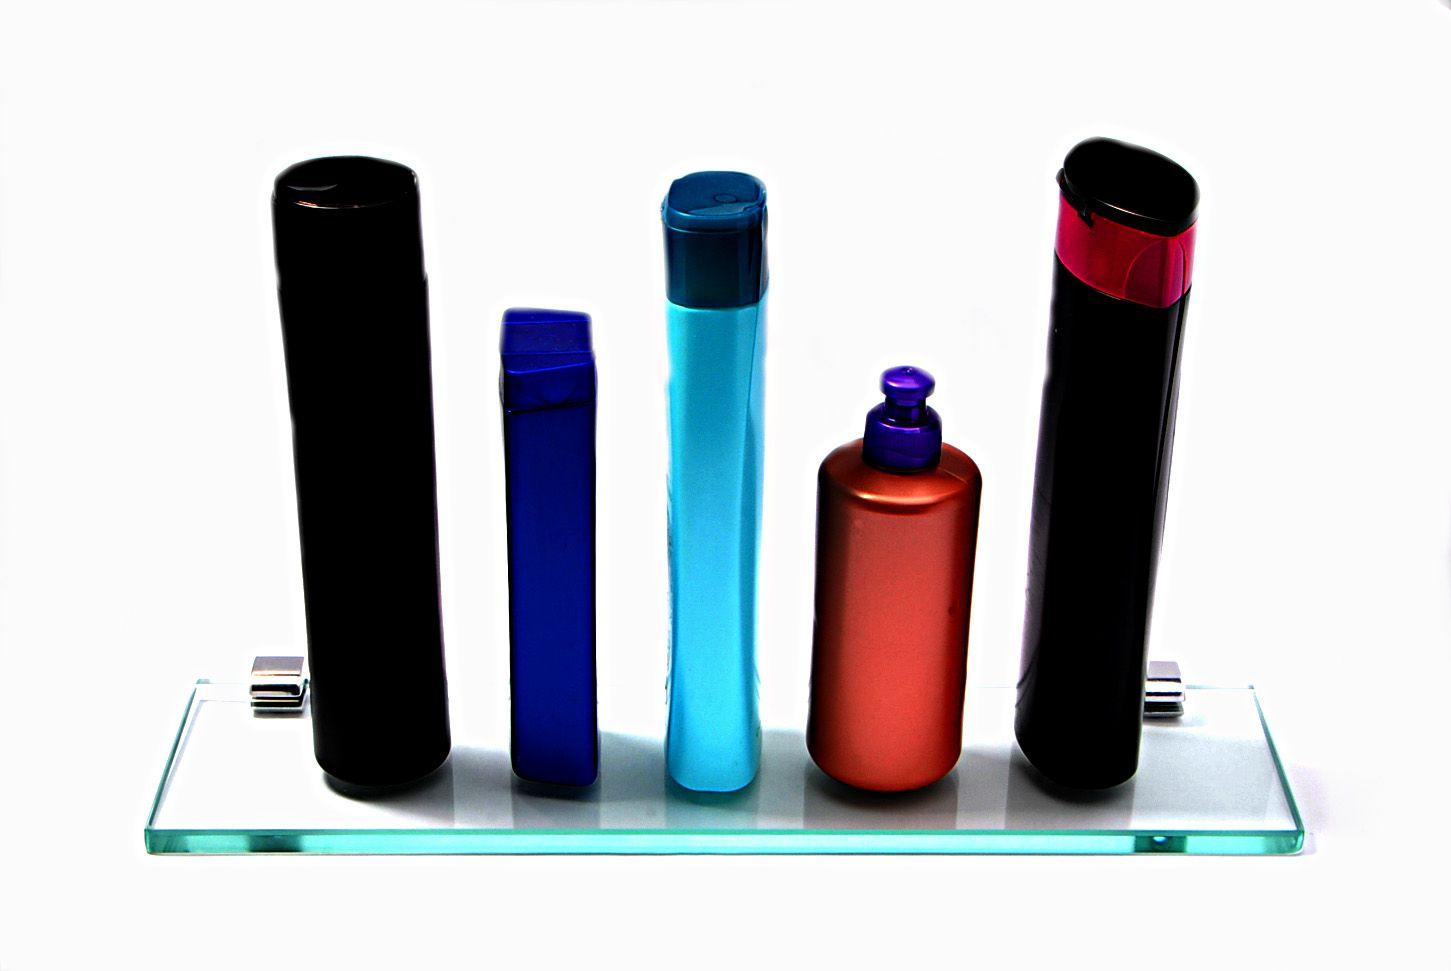 Porta Shampoo Reto em Vidro Incolor Lapidado - Aquabox  - 40cmx9cmx10mm